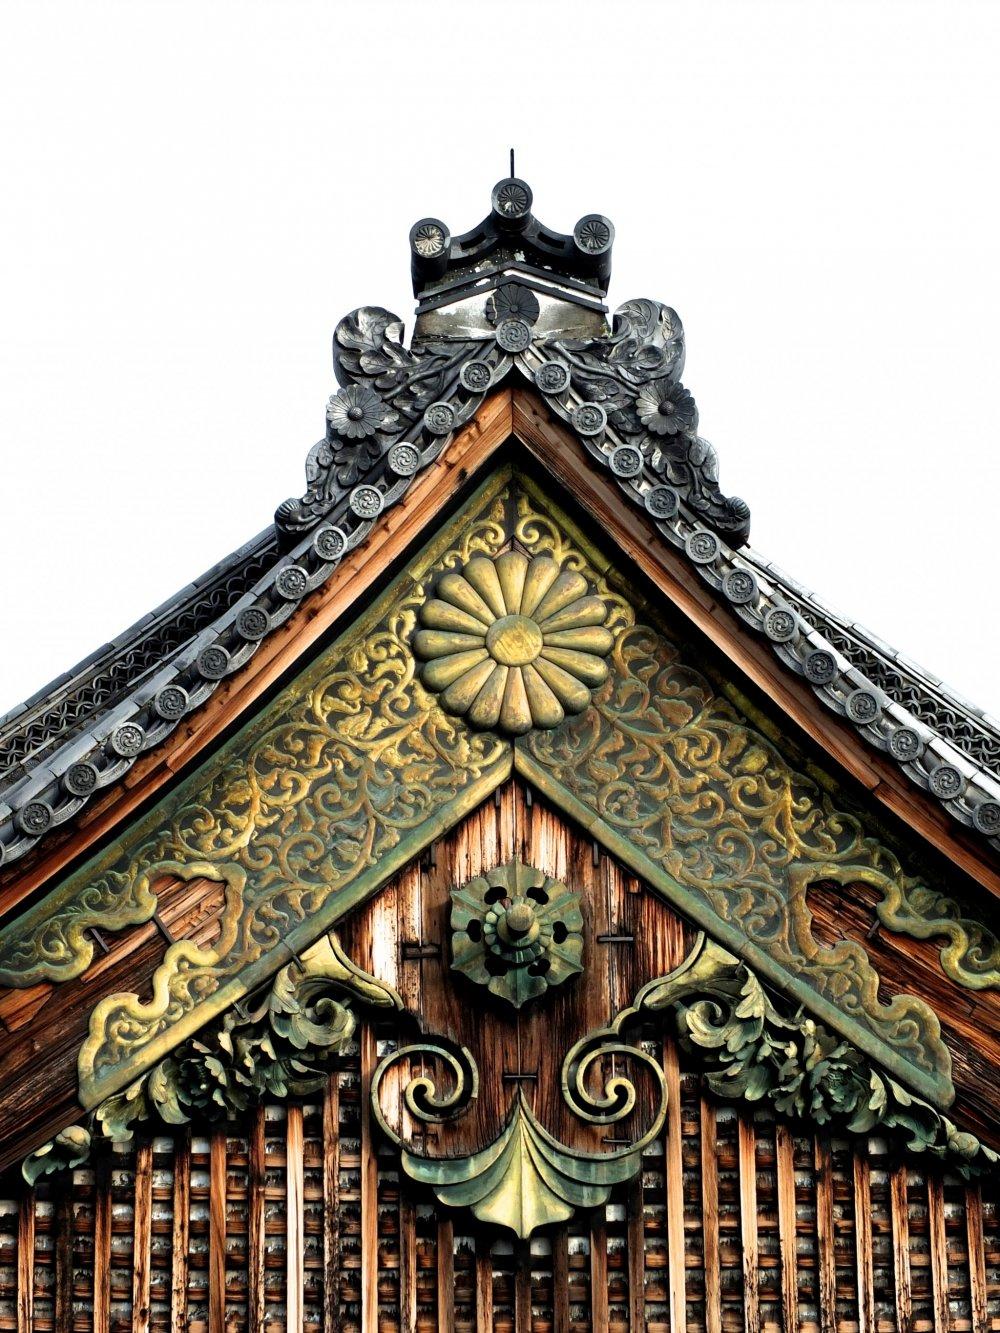 Mái vòm tuyệt đẹp của Dinh thự Chính